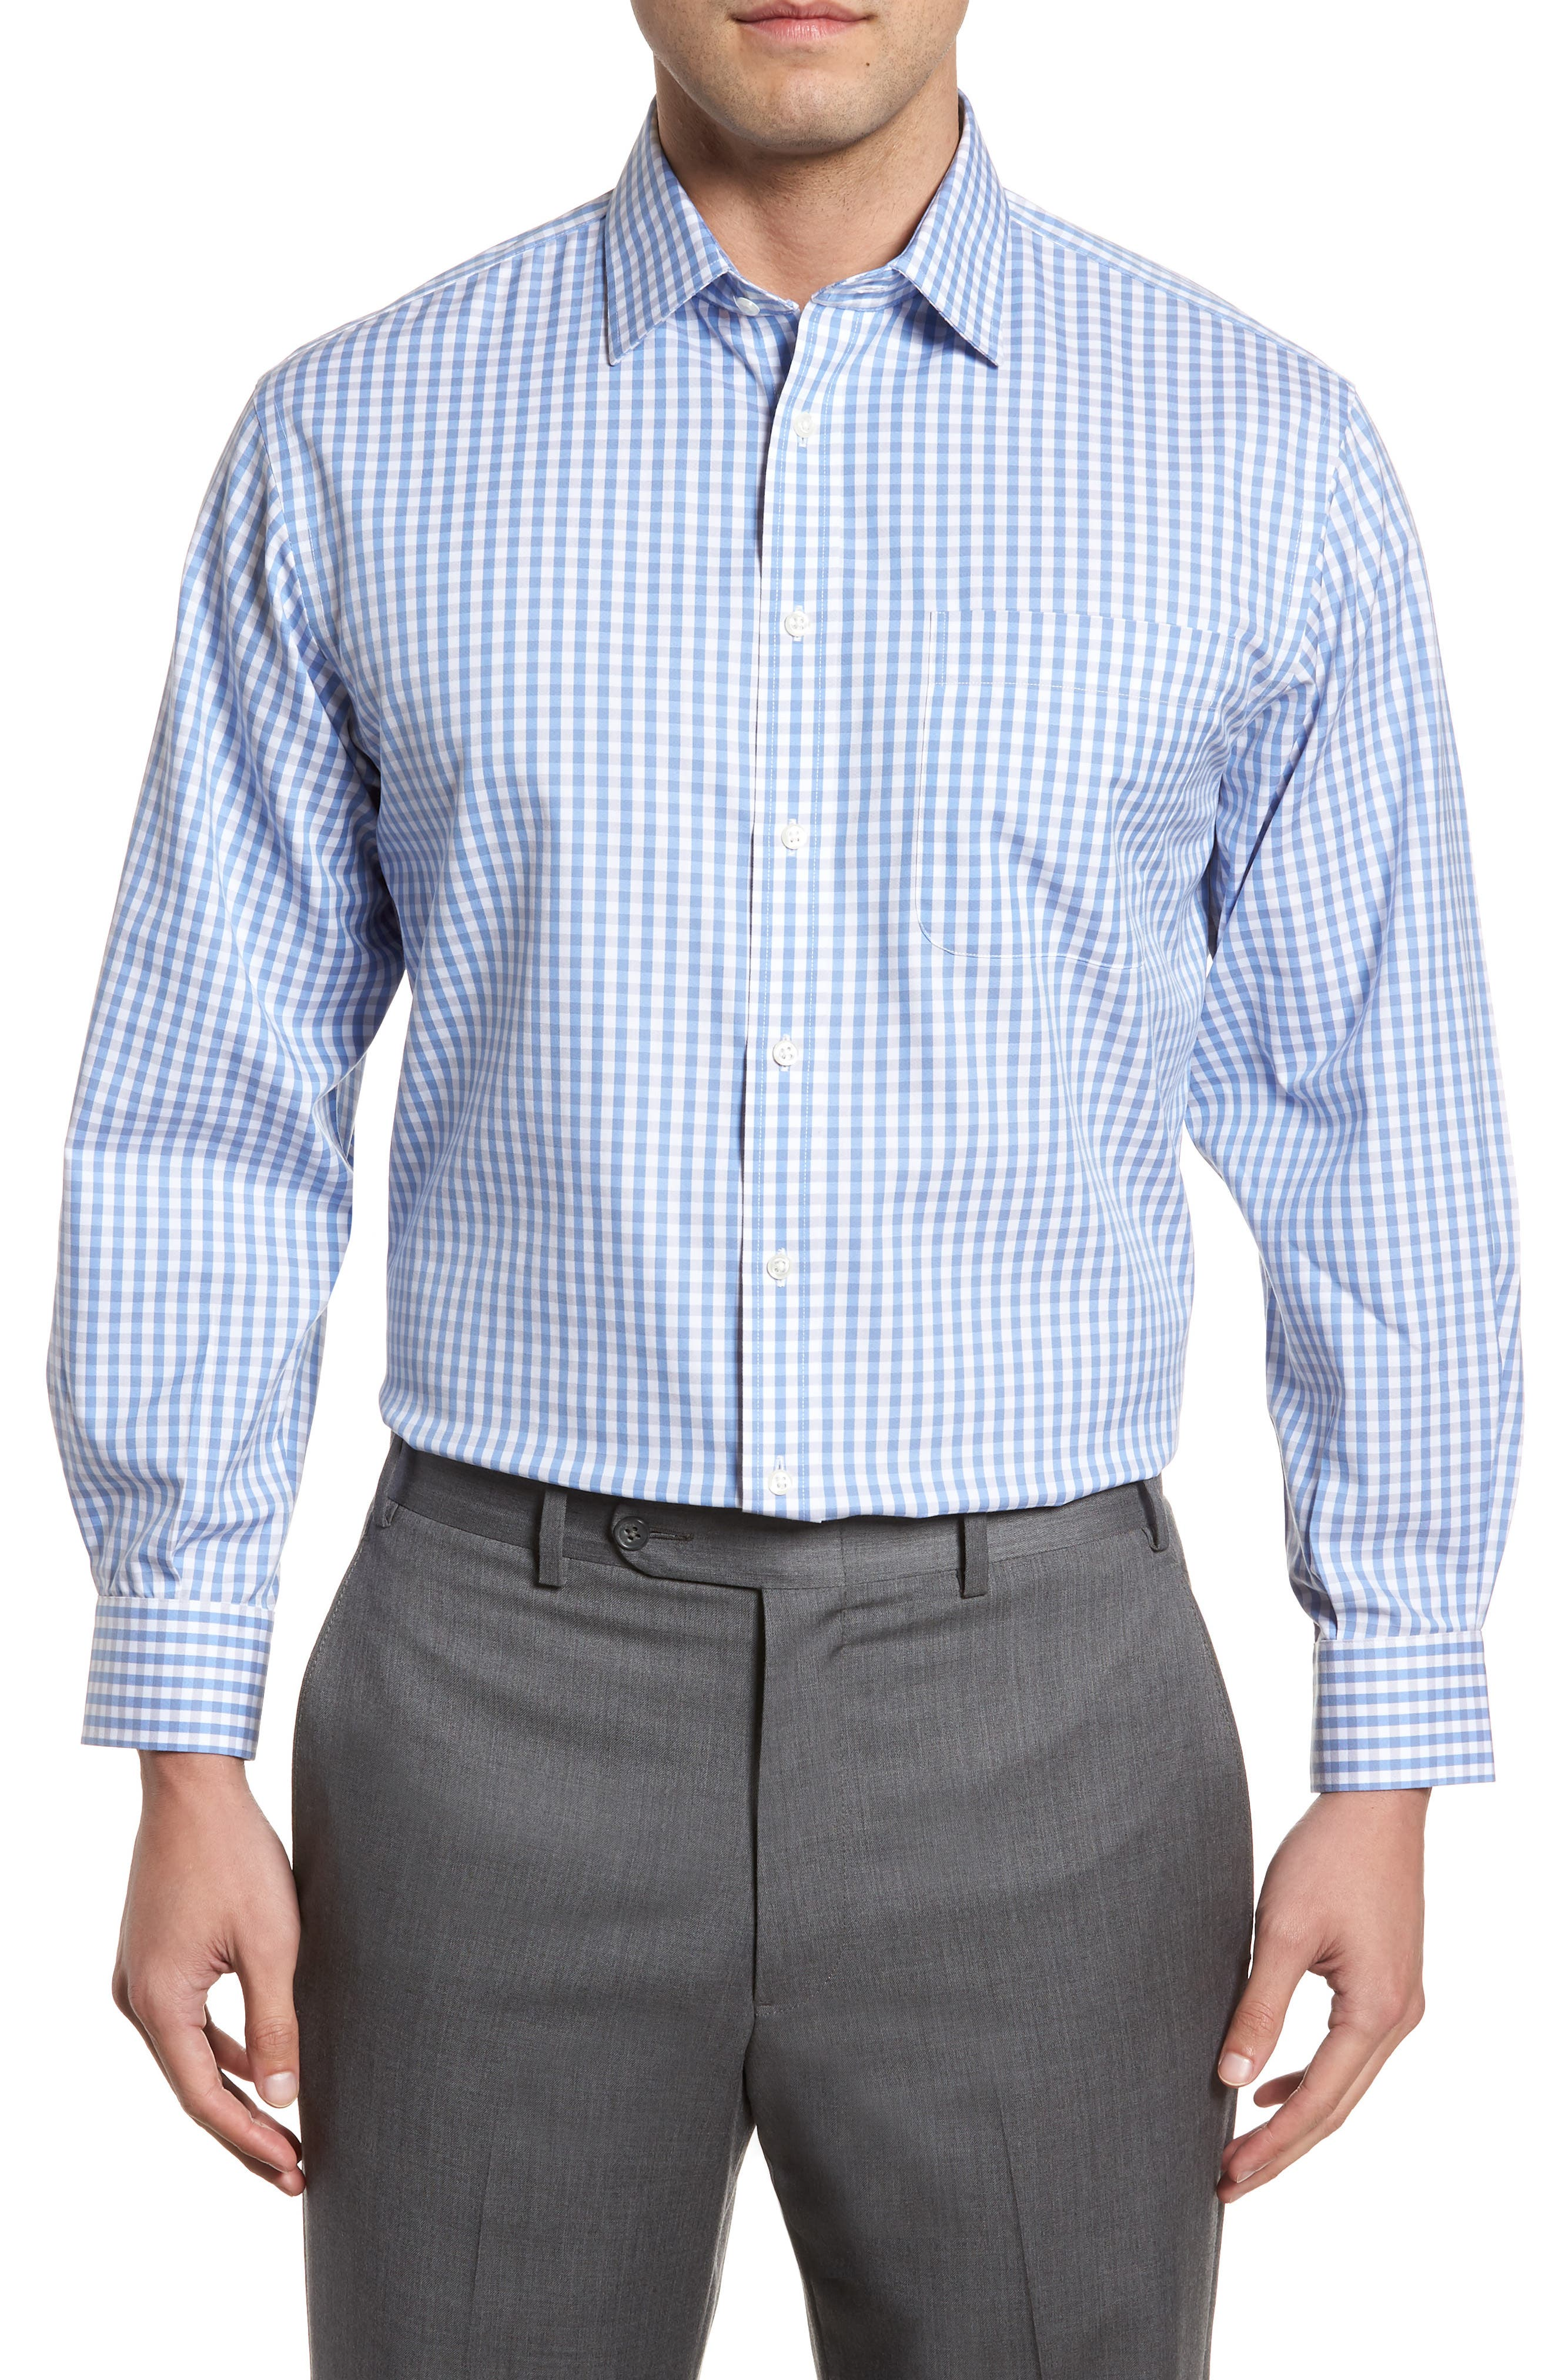 Smartcare<sup>™</sup> Classic Fit Check Dress Shirt,                             Main thumbnail 1, color,                             050